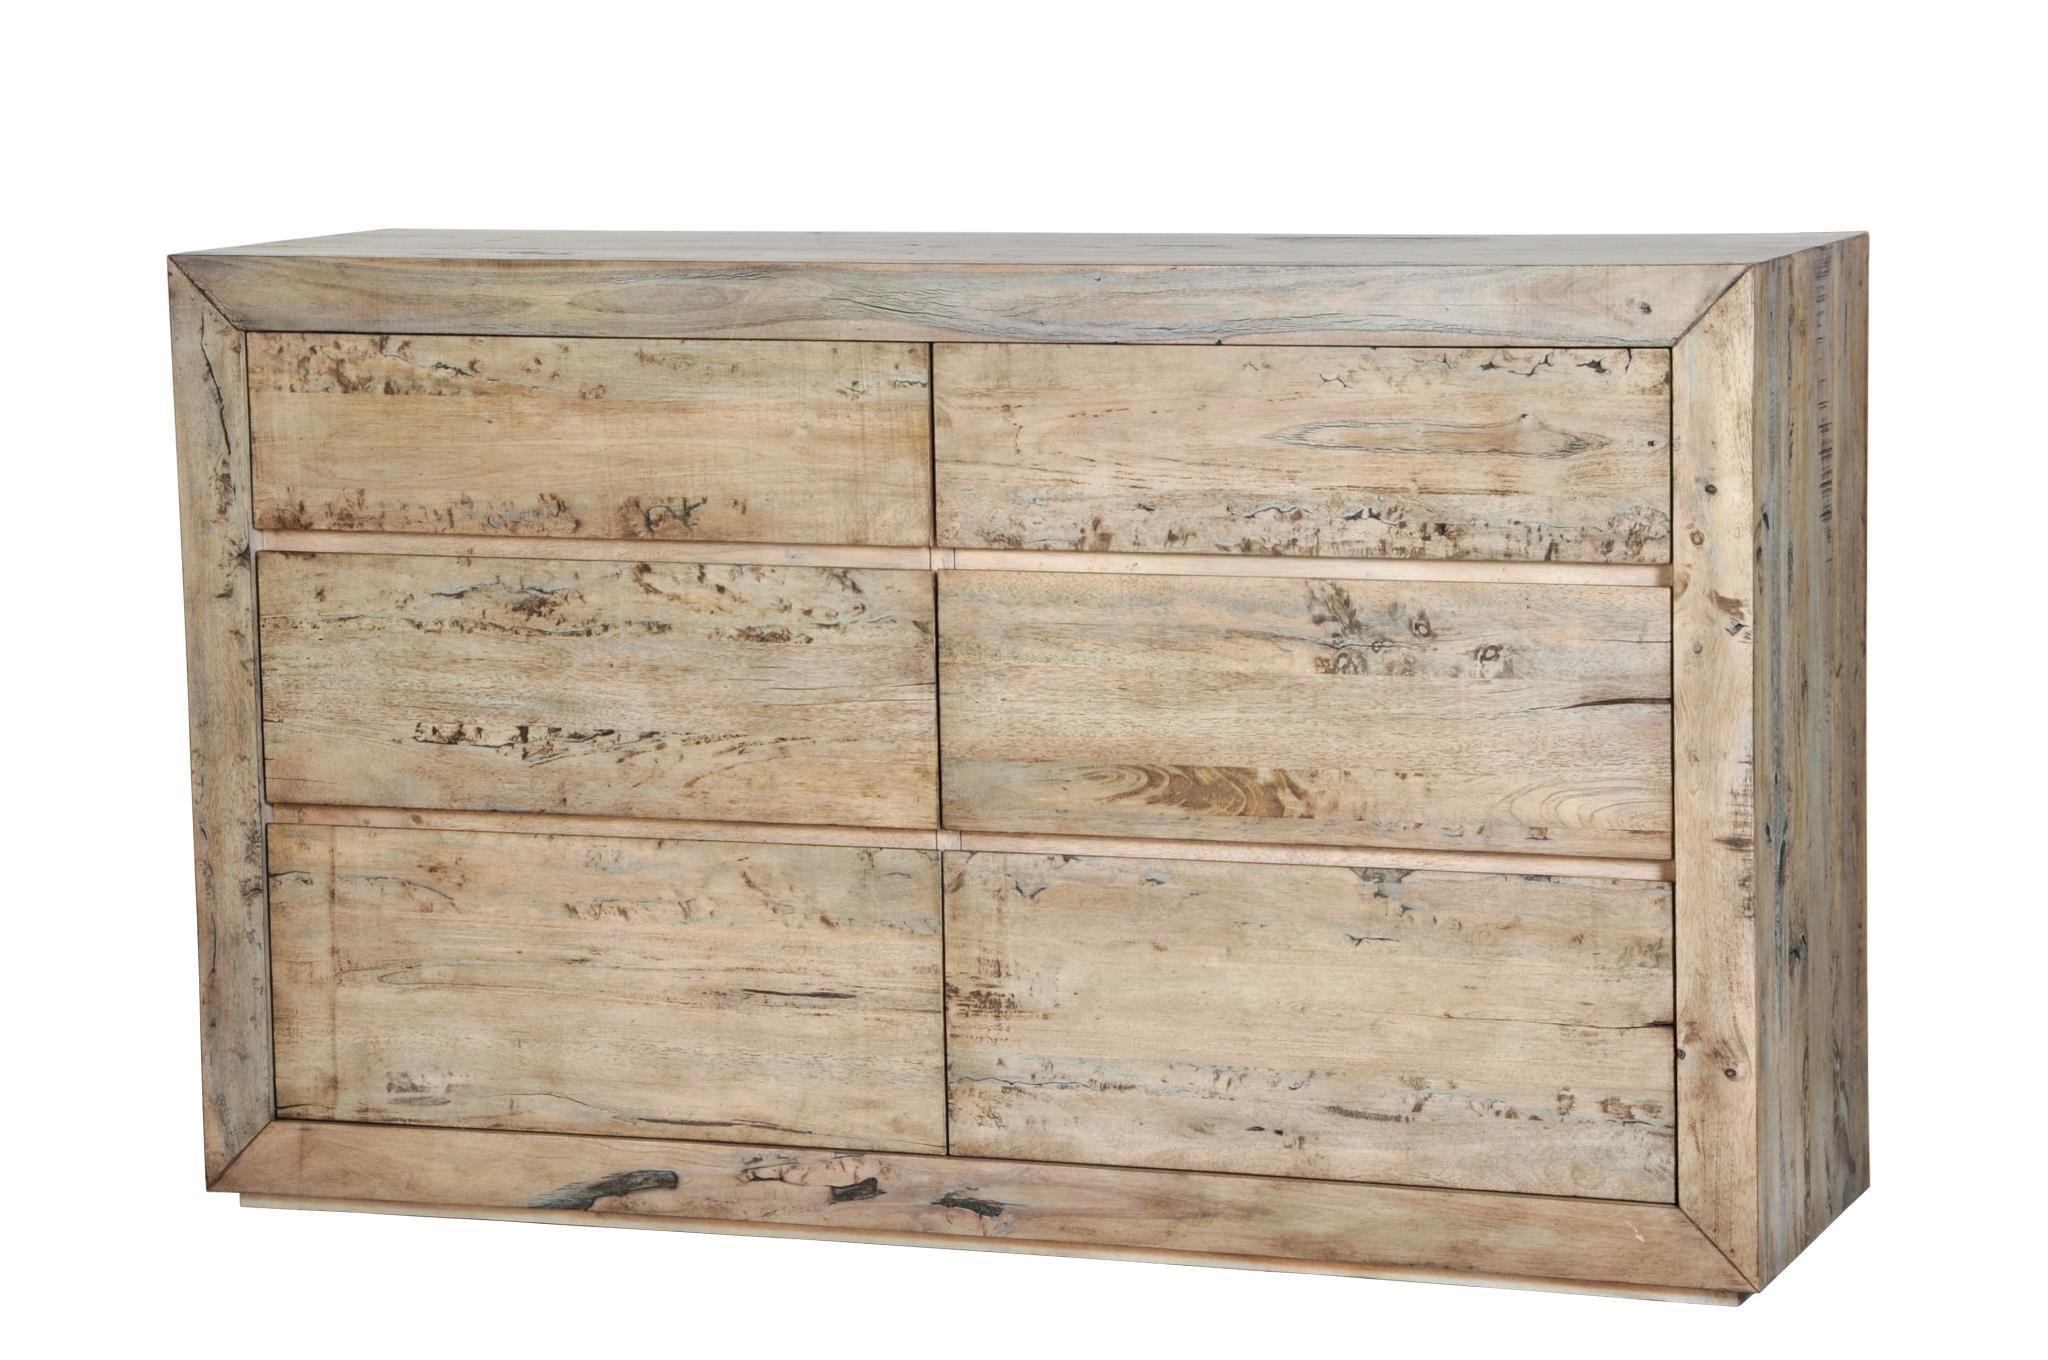 Napa Furniture Designs Renewal 6 Drawer Dresser